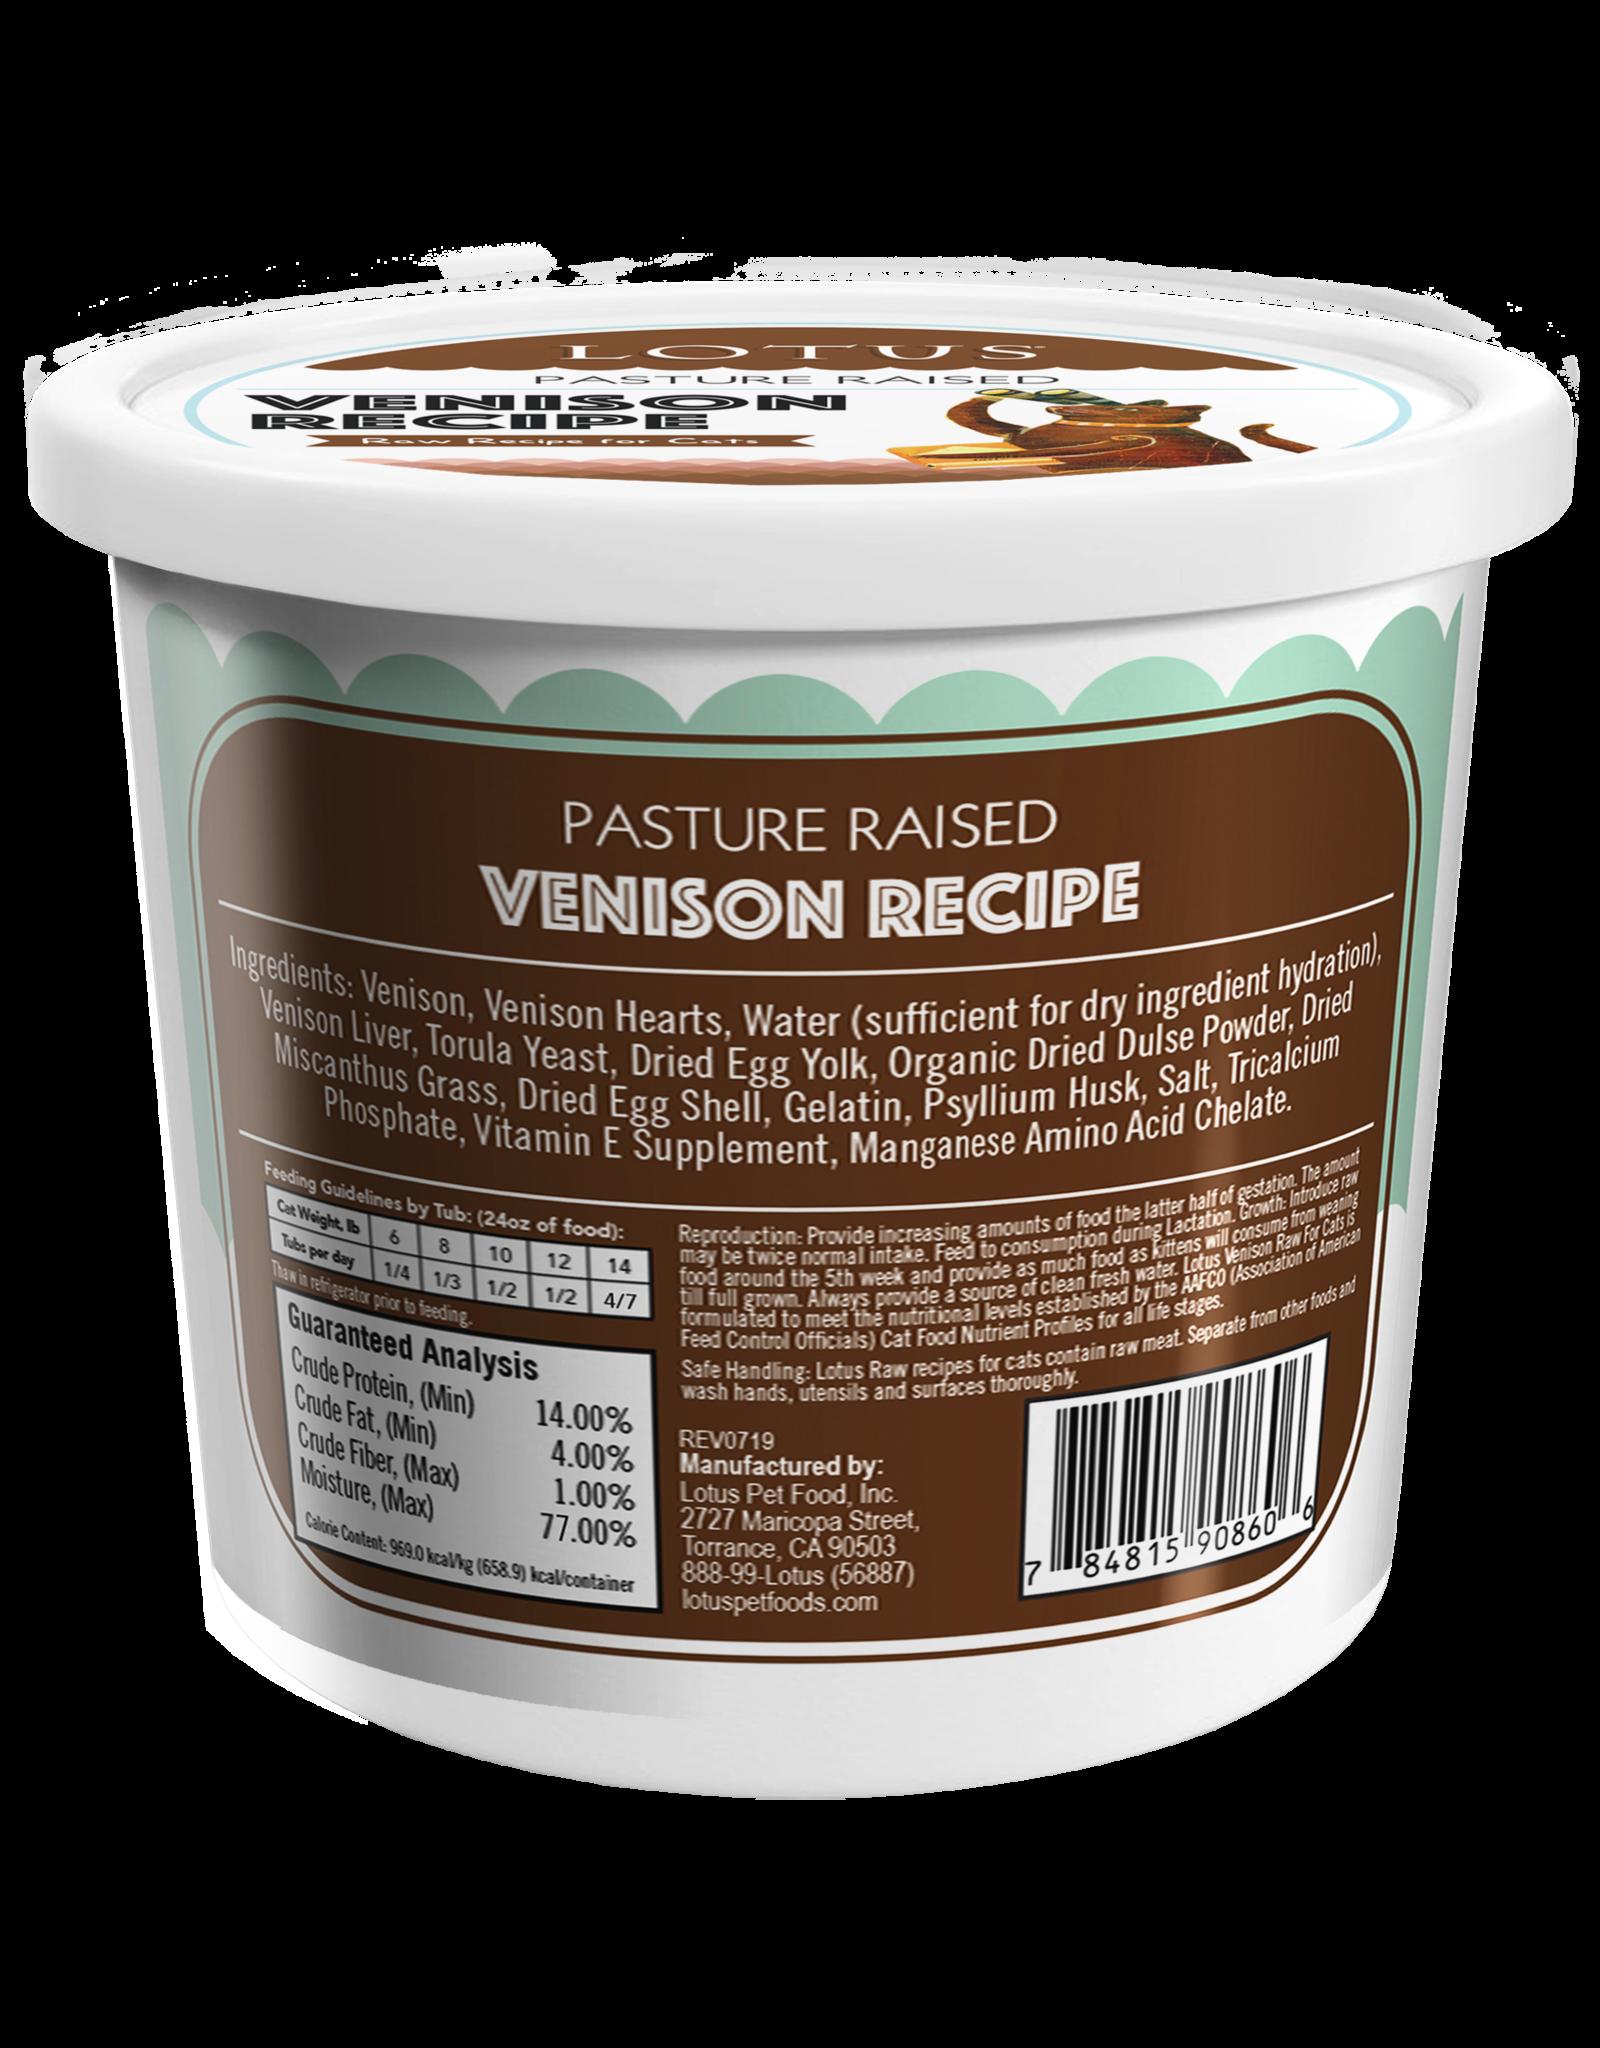 Lotus Pet Foods LOTUS CAT RAW VENISON RECIPE